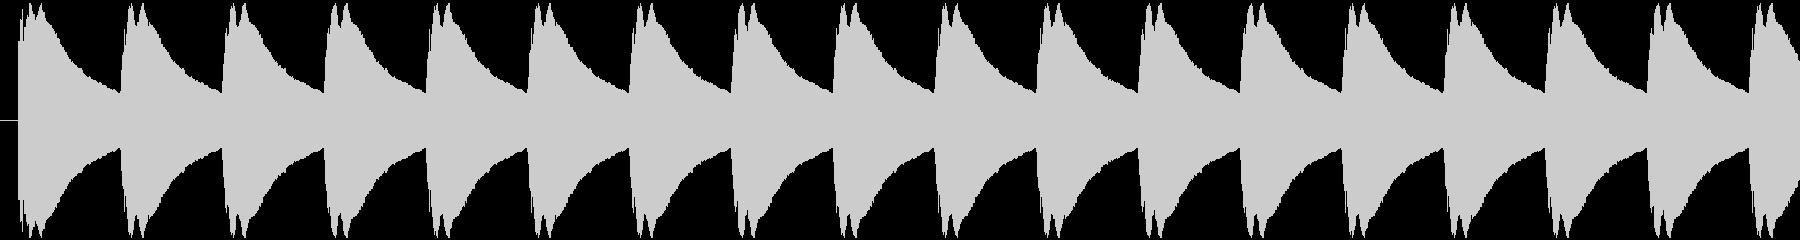 ゲージ増減 得点などの集計 ティリリリ…の未再生の波形